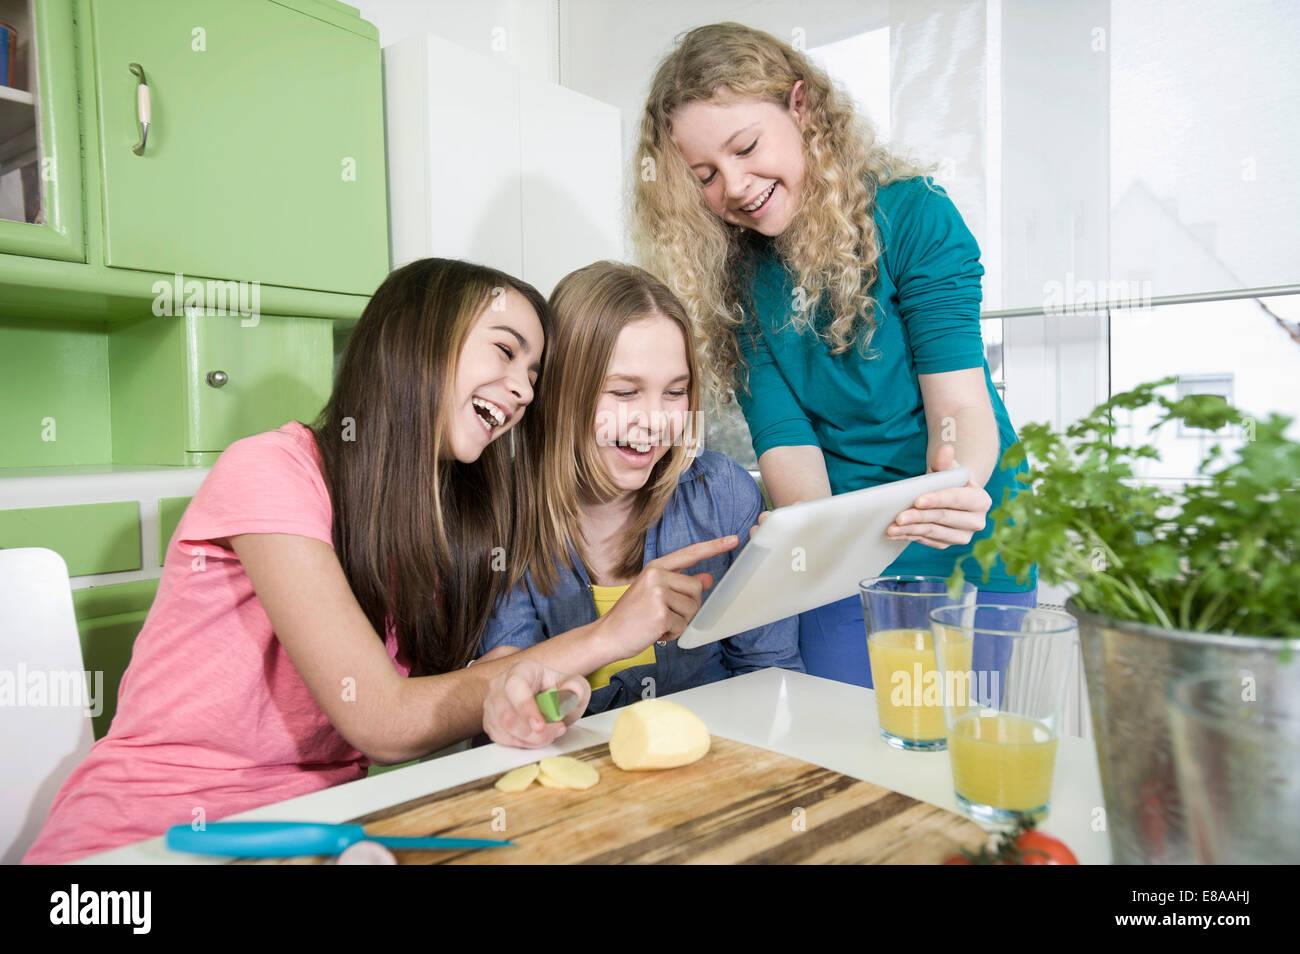 Ragazze in cucina con tavoletta digitale, preparare verdura Immagini Stock